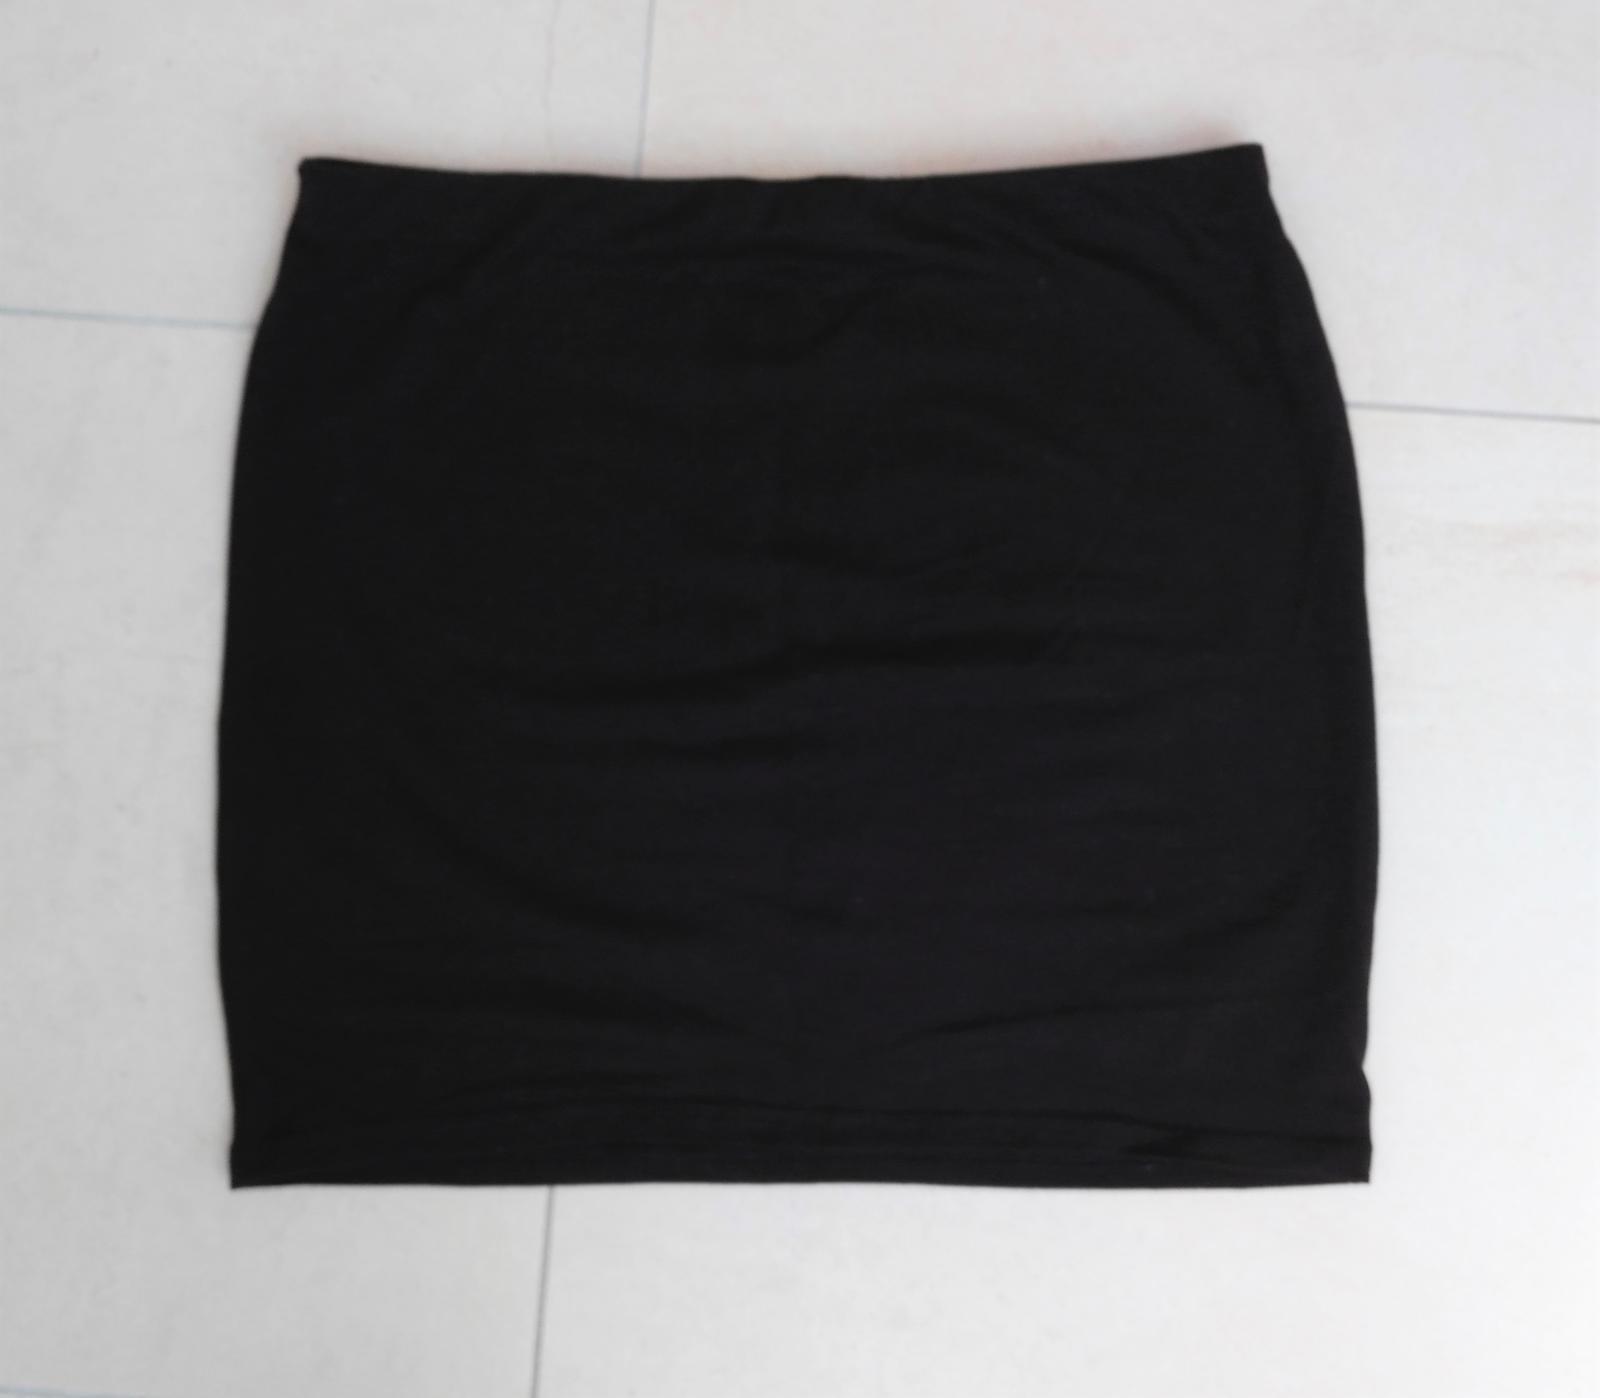 Čierno-zlatá sukňa s kamienkami 36/S - Obrázok č. 4